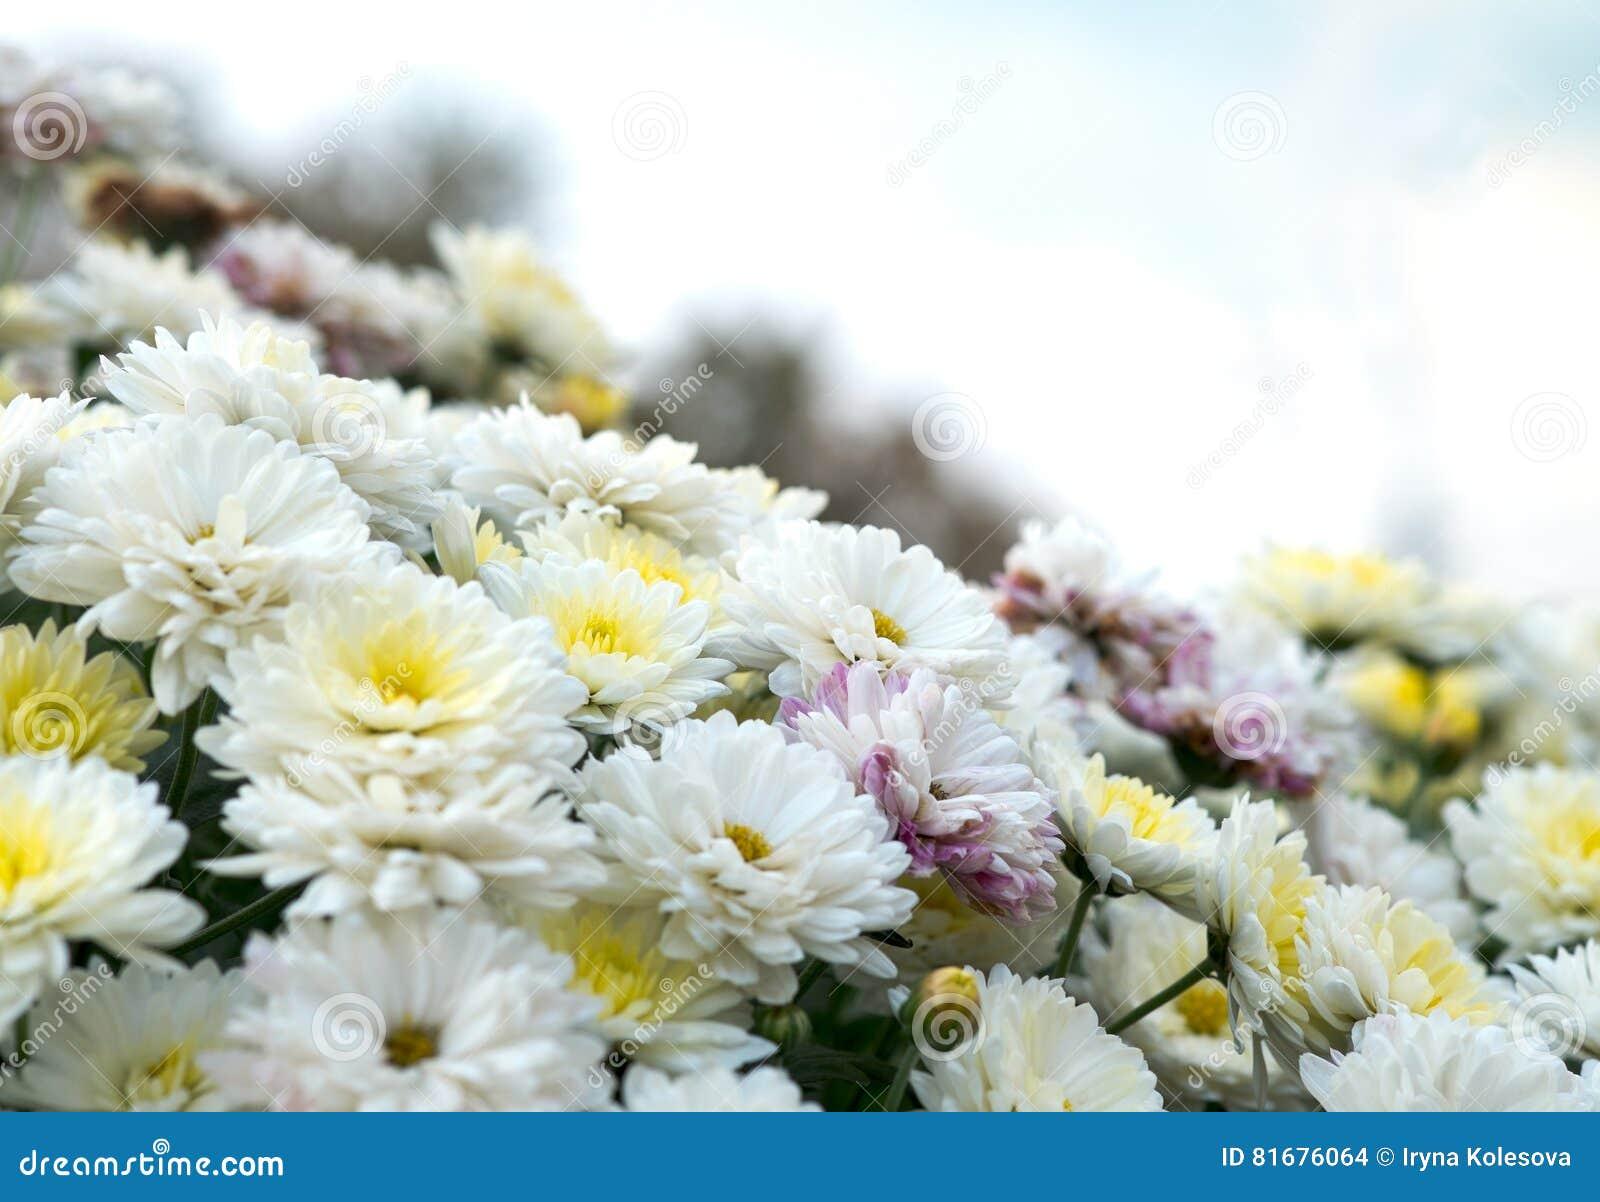 Weiße, gelbe und rosa Kamille der Blüte, Chrysantheme Abstrakter natürlicher mit Blumenhintergrund, Frühlingsblumen